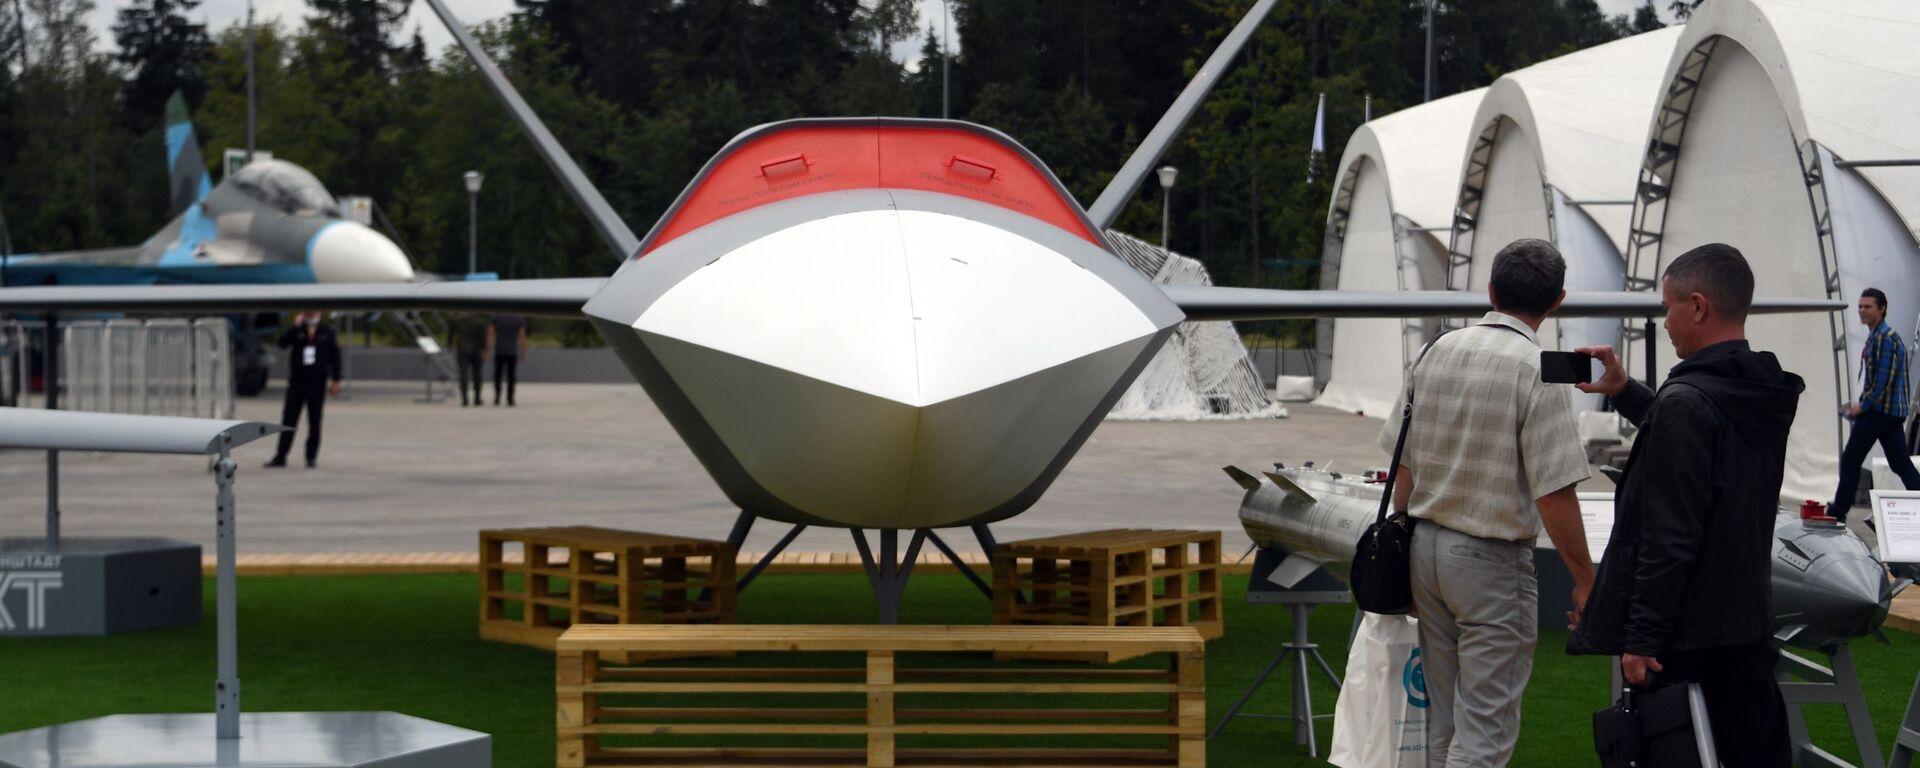 Ruský bezpilotní stroj (BPLA) Grom (Hrom)  - Sputnik Česká republika, 1920, 21.03.2021